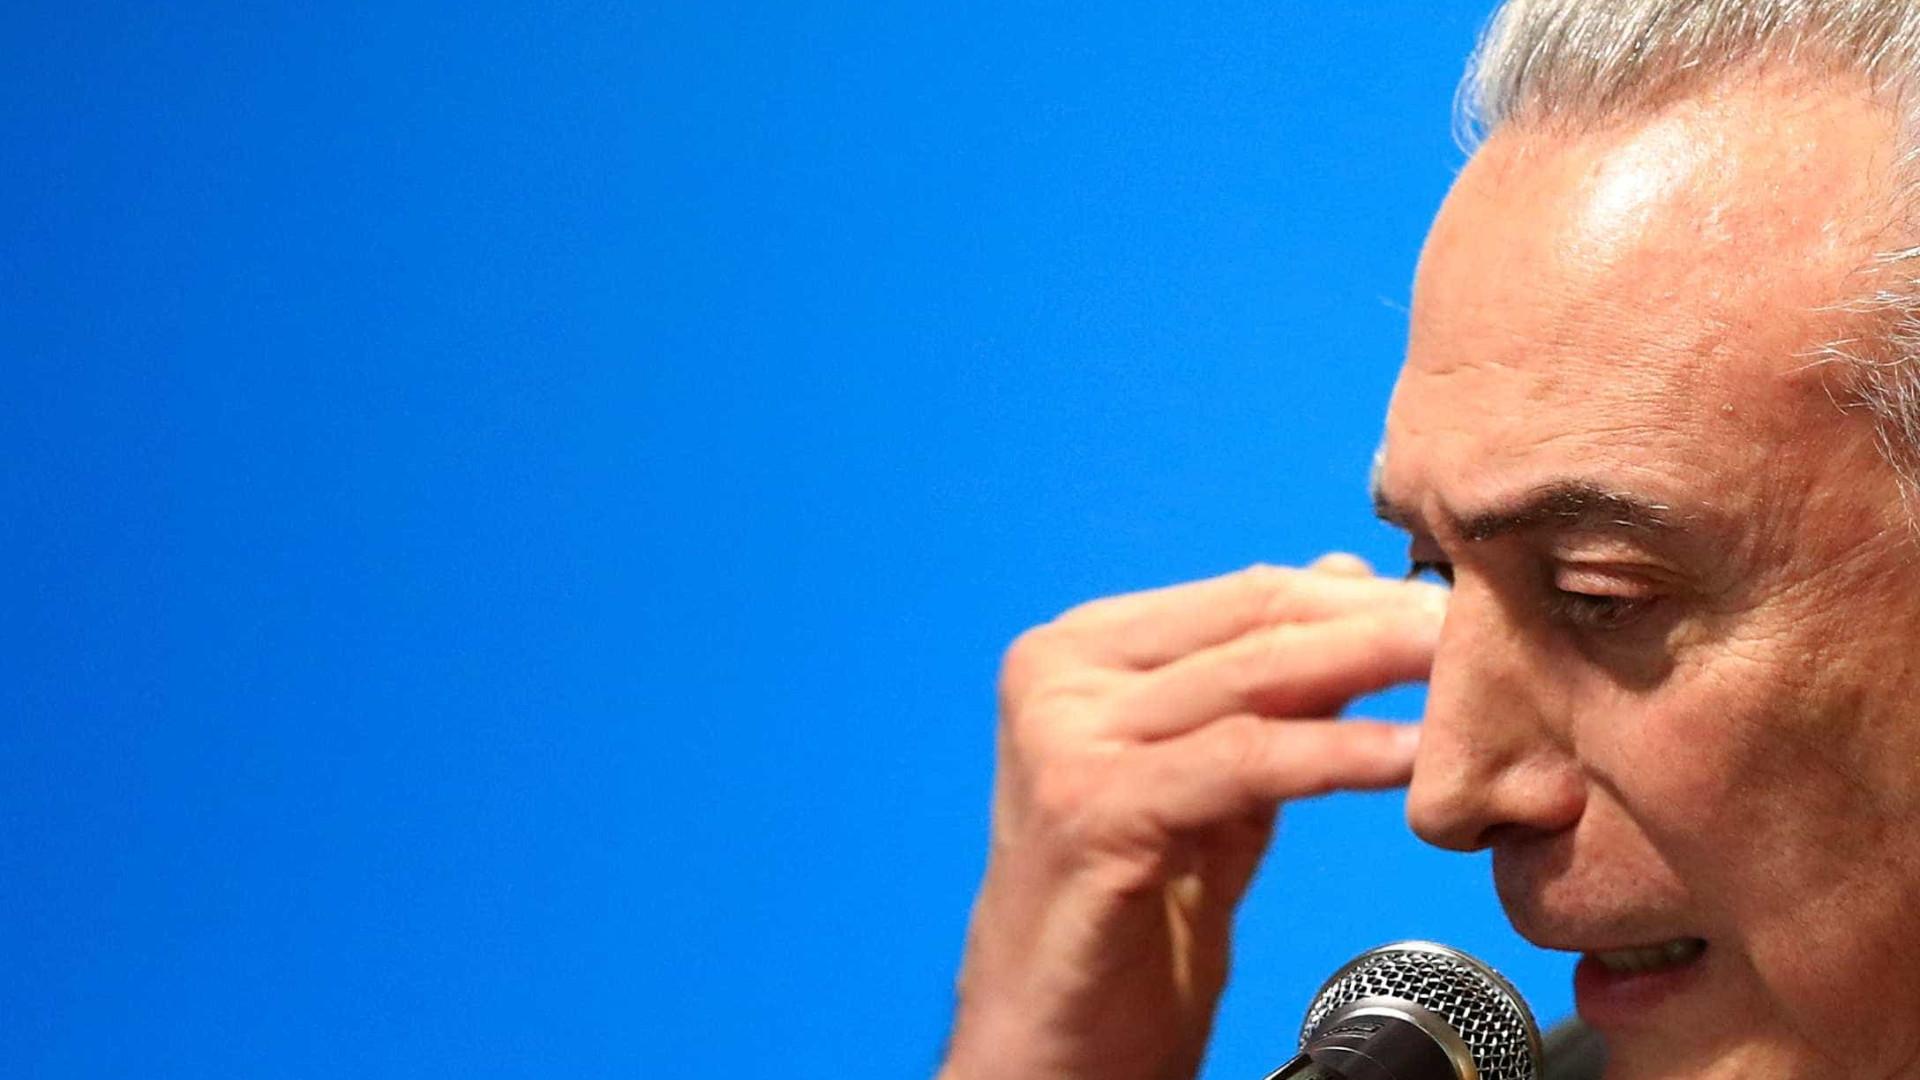 Planalto: Temer não participa de discussões sobre reforma política